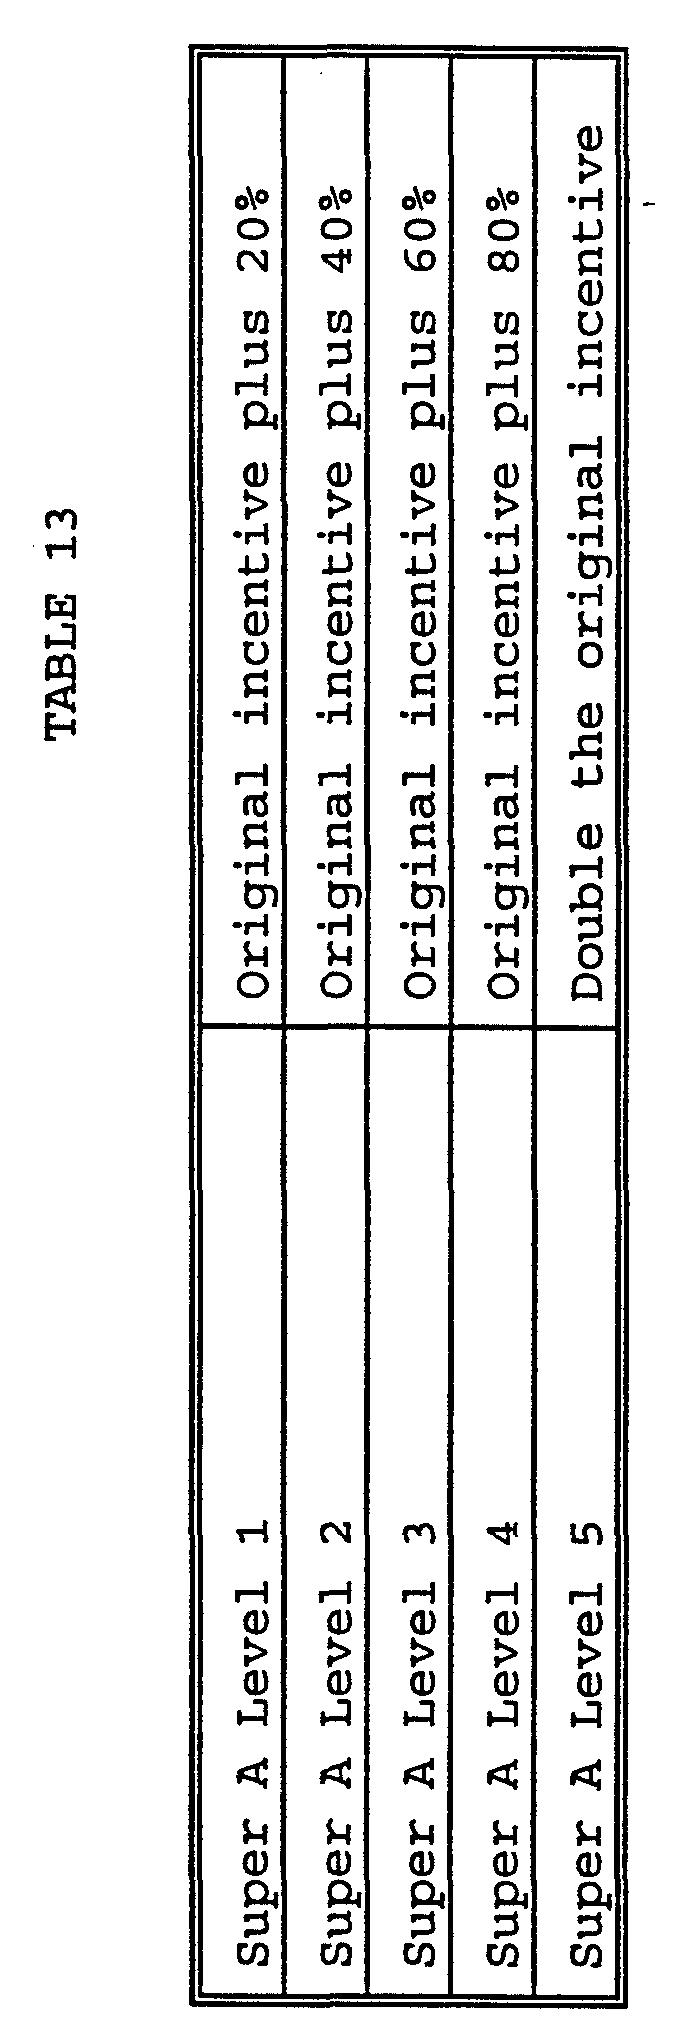 Figure imgf000357_0001